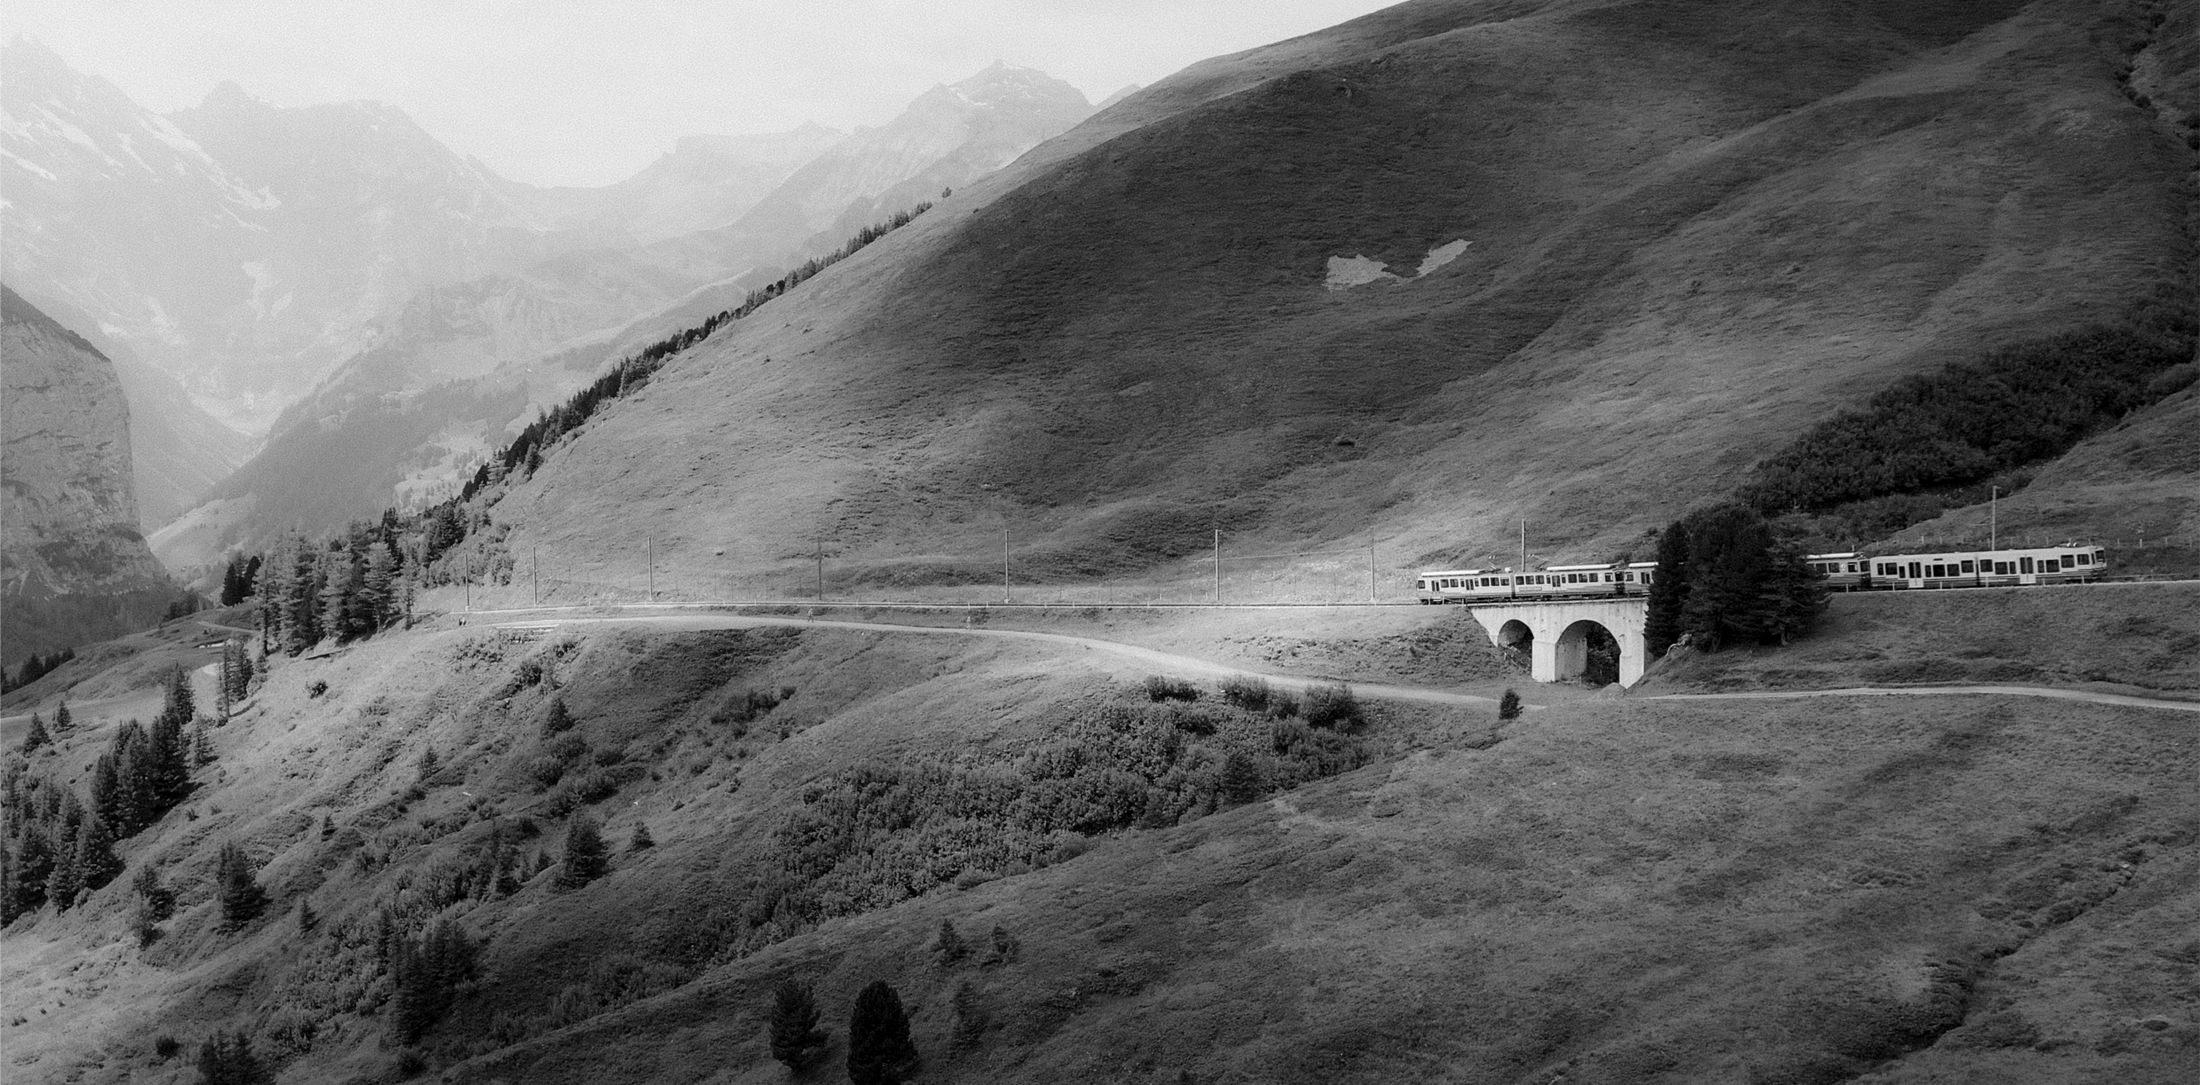 Junfraujoch train